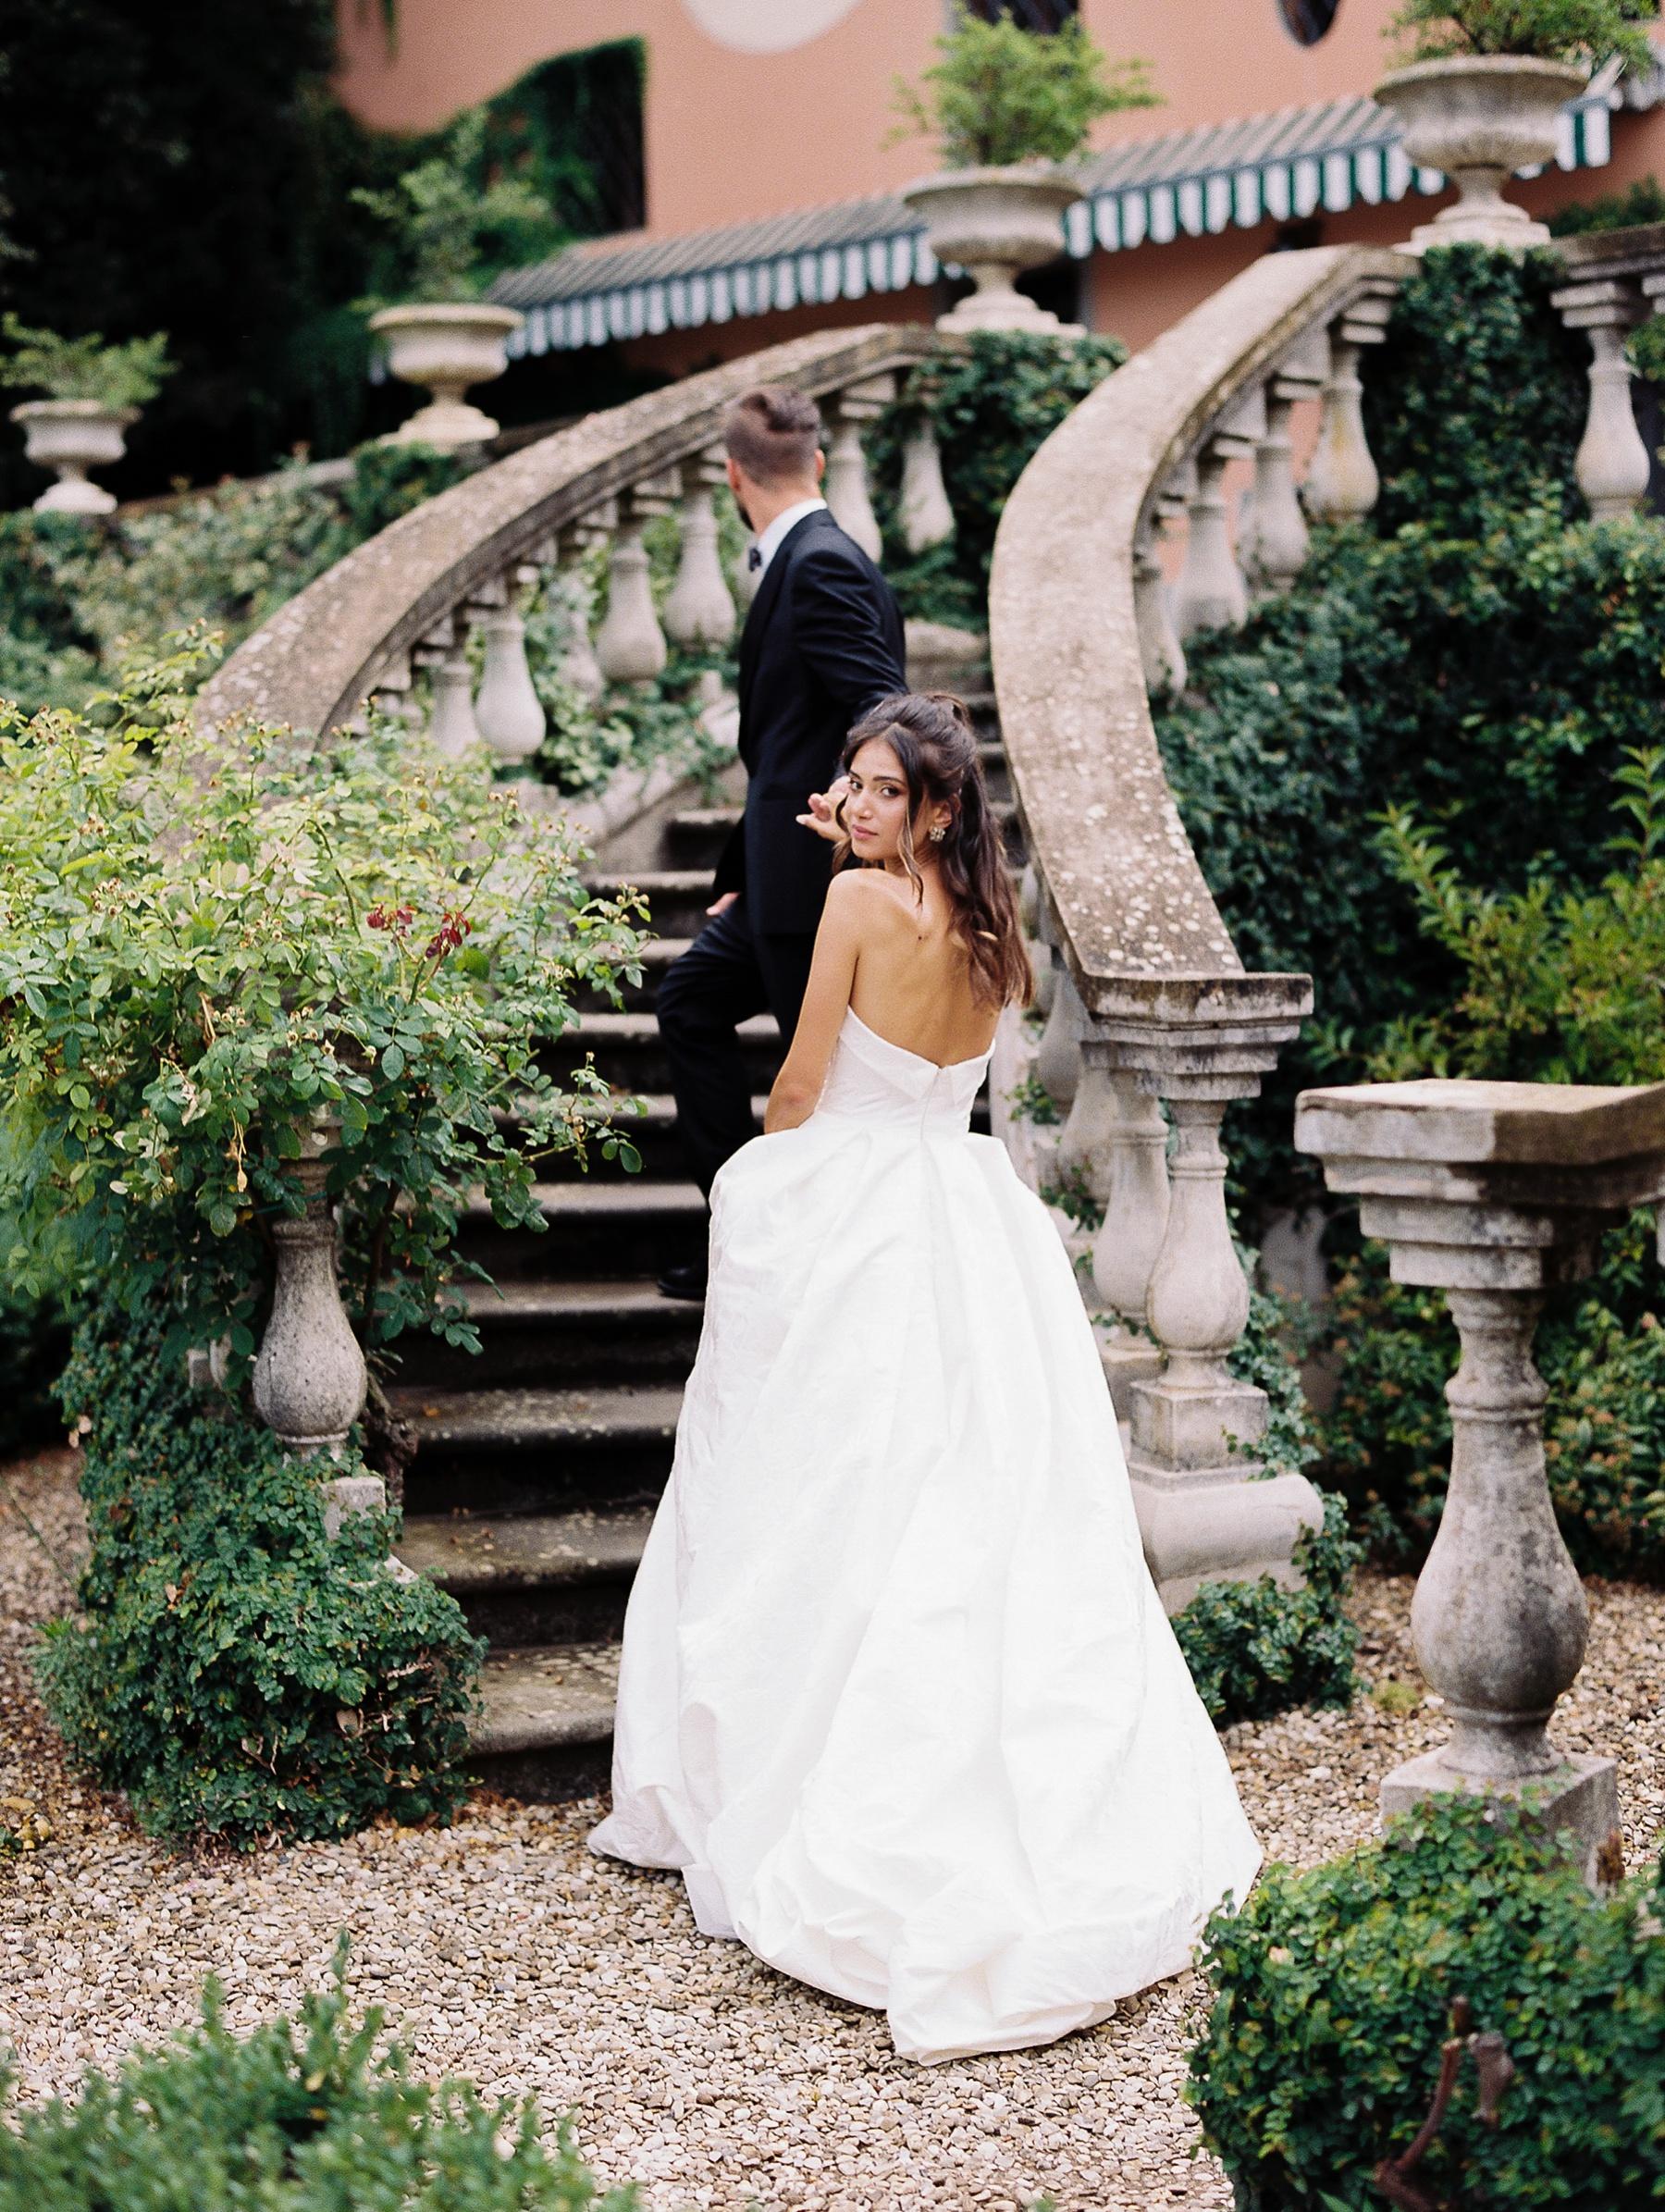 Il Borro Tuscany Italy Wedding Photographer_0862.jpg